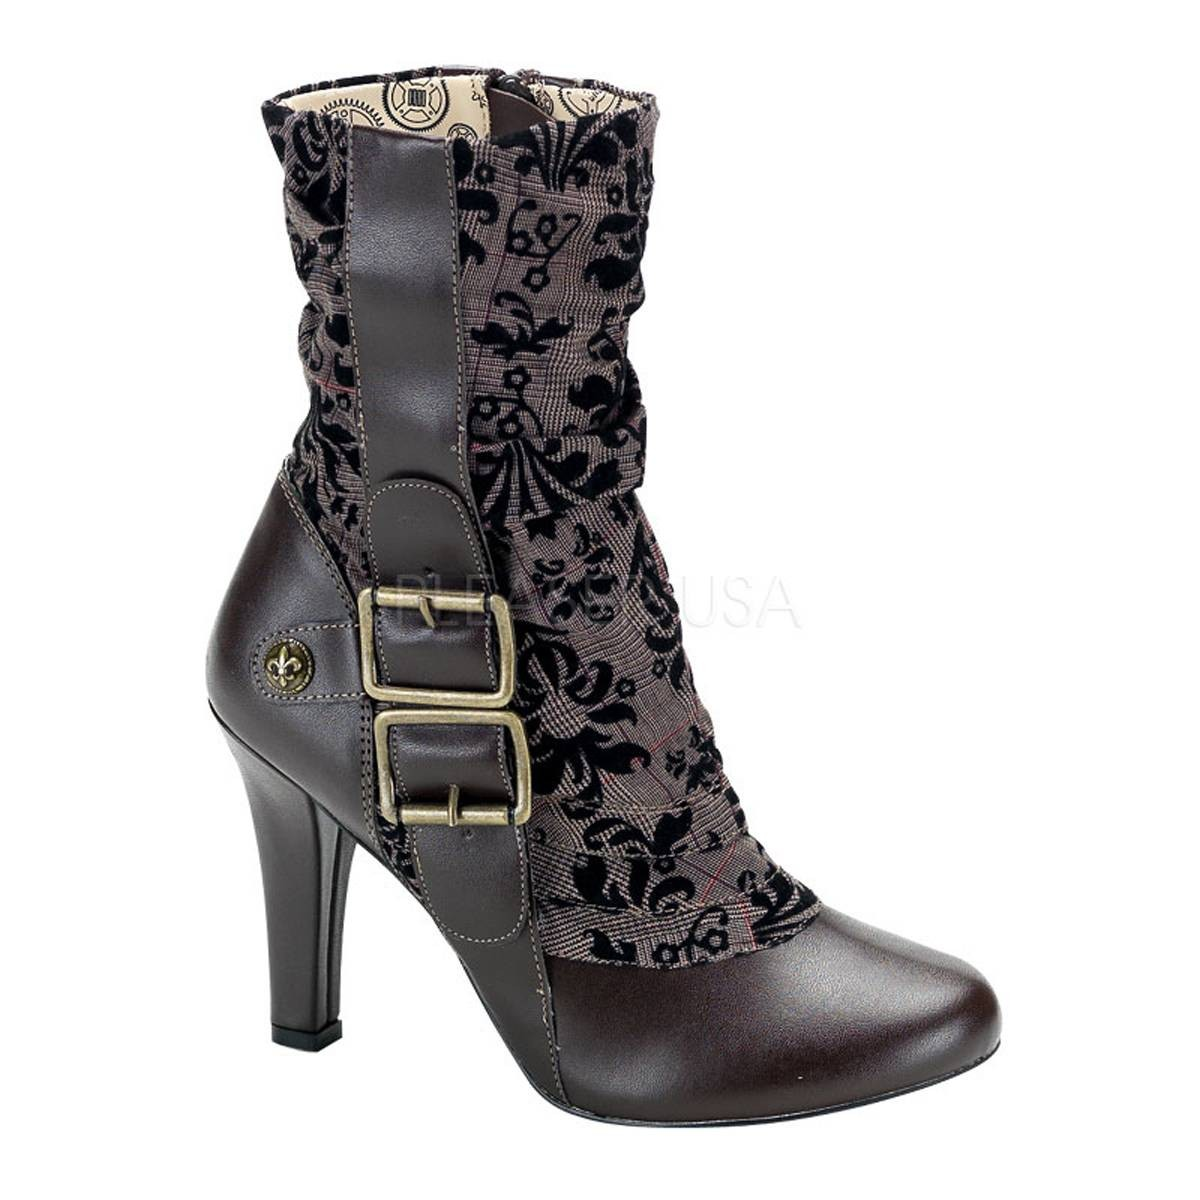 Stiefel - TESLA 106 ° Damen Stiefelette ° Braun Matt ° Demonia  - Onlineshop RedSixty